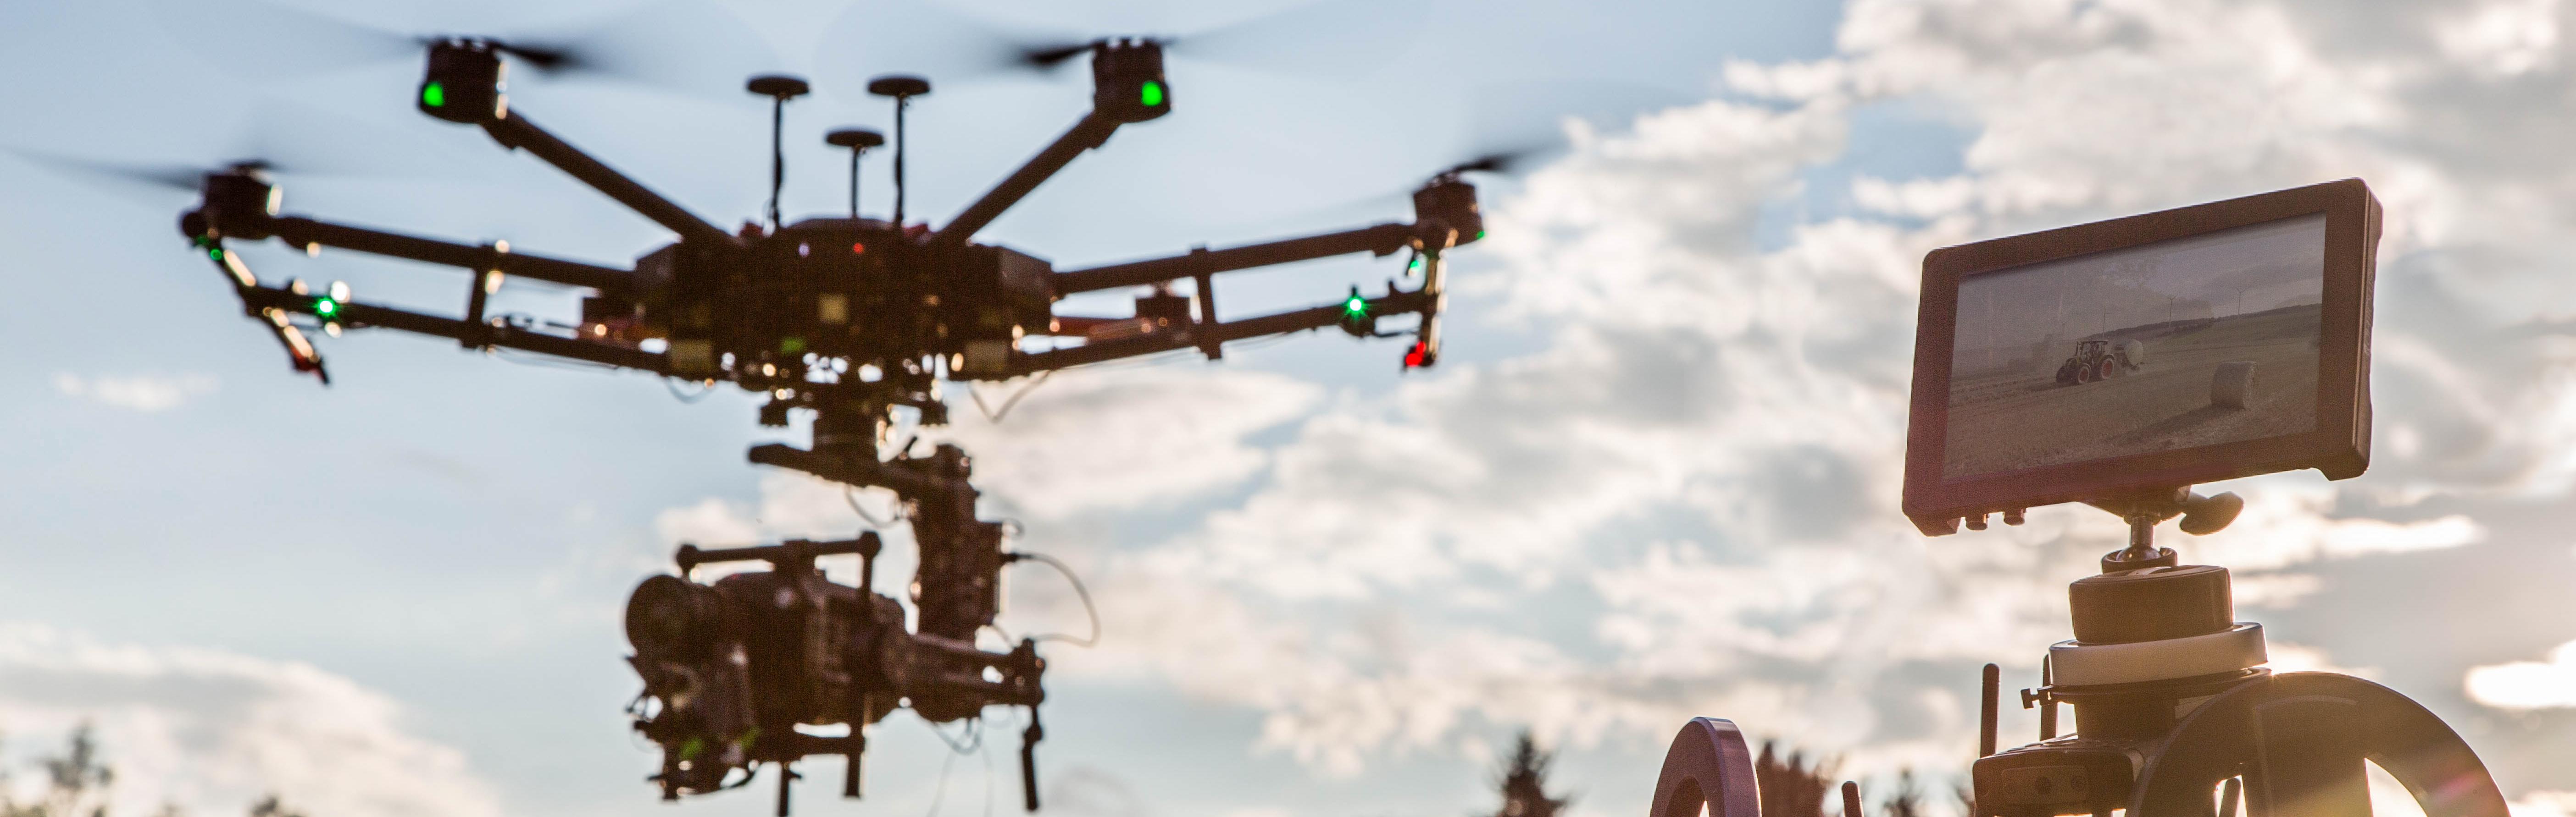 LED Drohne München 100.000 lumen flugaufnahmen alexa red Drohnendienstleister drohnenpilot bayern profi filmcrew